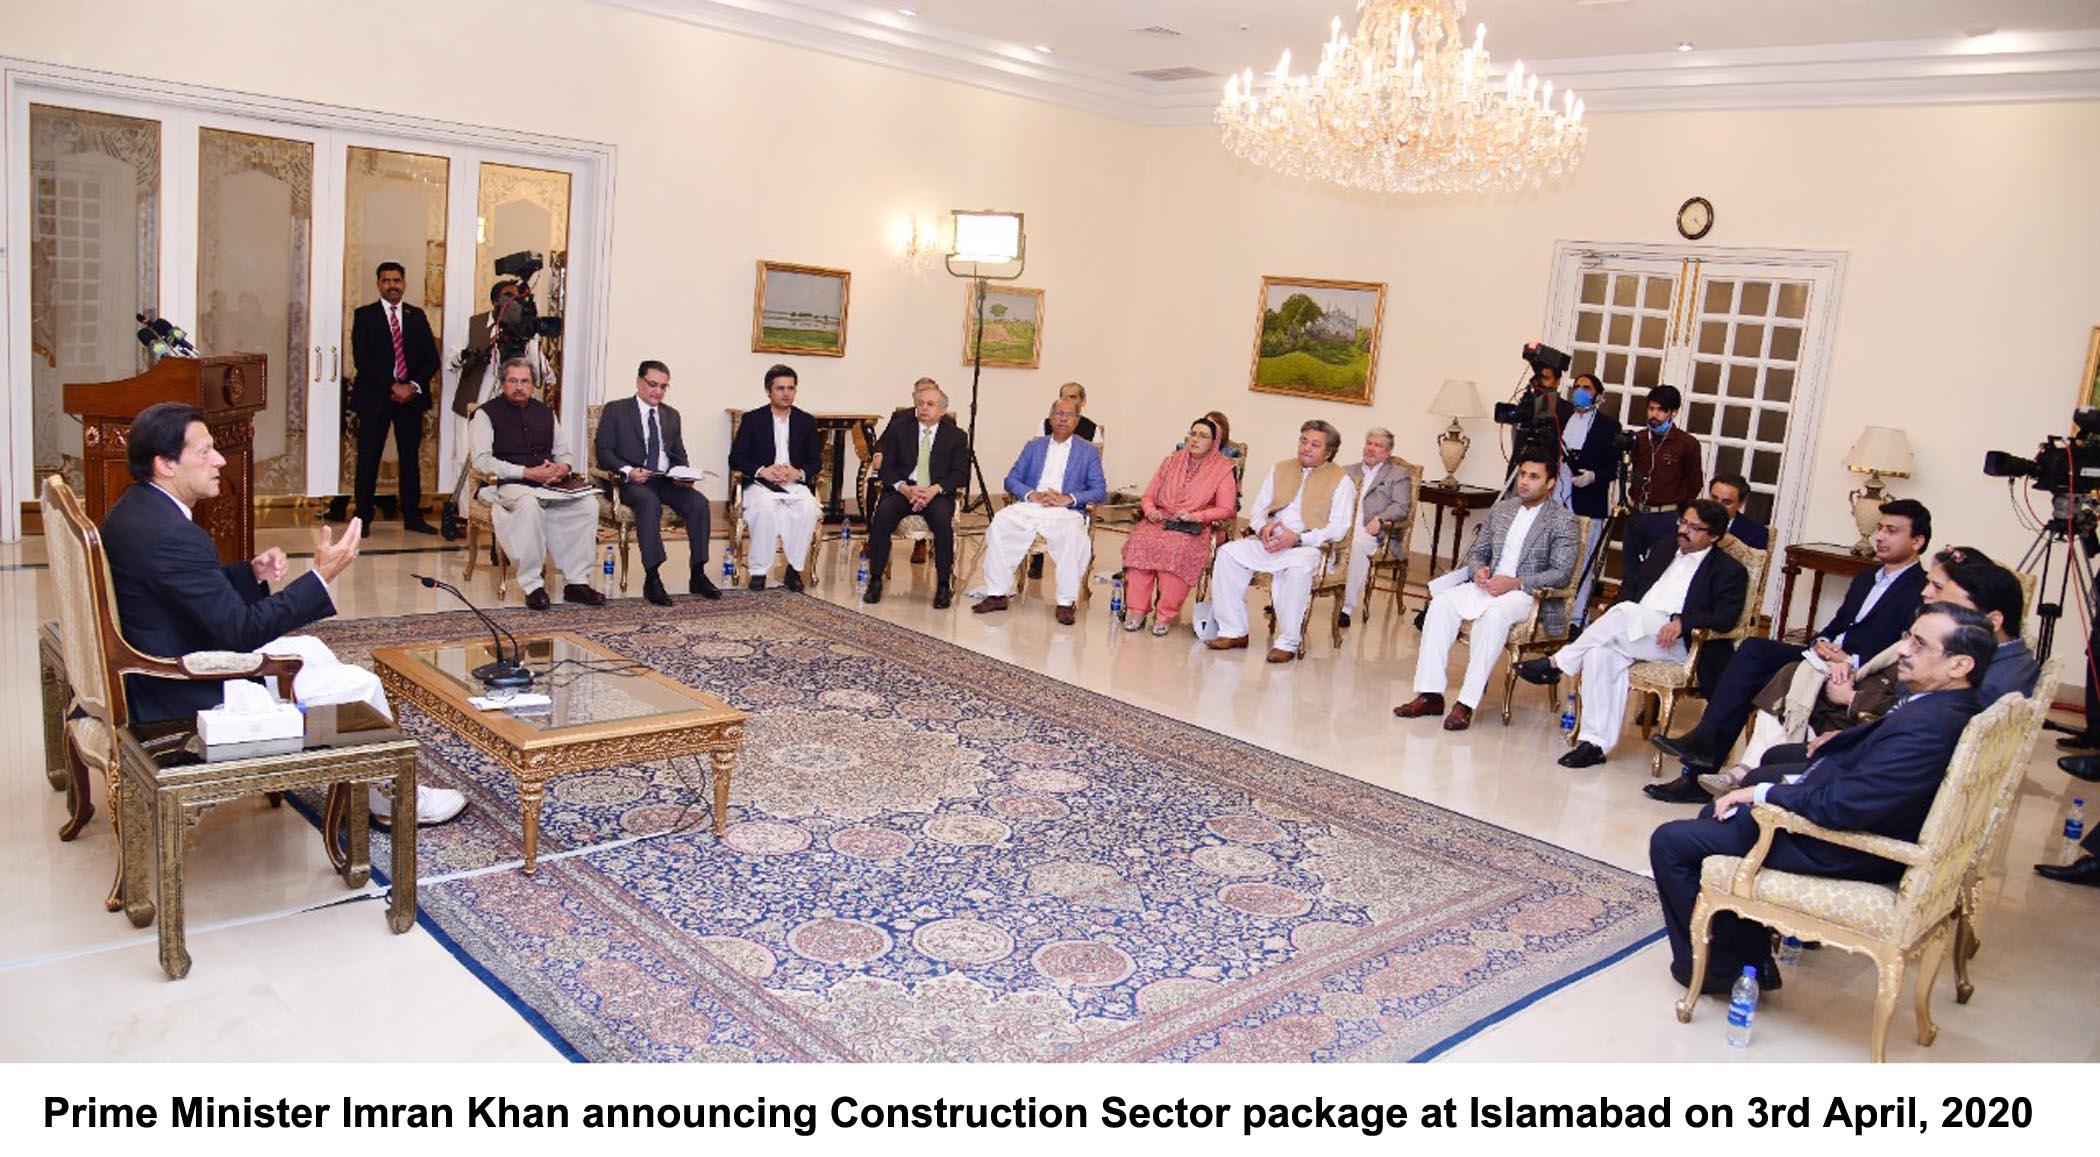 تعمیرات کے شعبے کے لیے پیکج کا اعلان  اسکیم کیلئے 30 ارب روپے کی سبسڈی